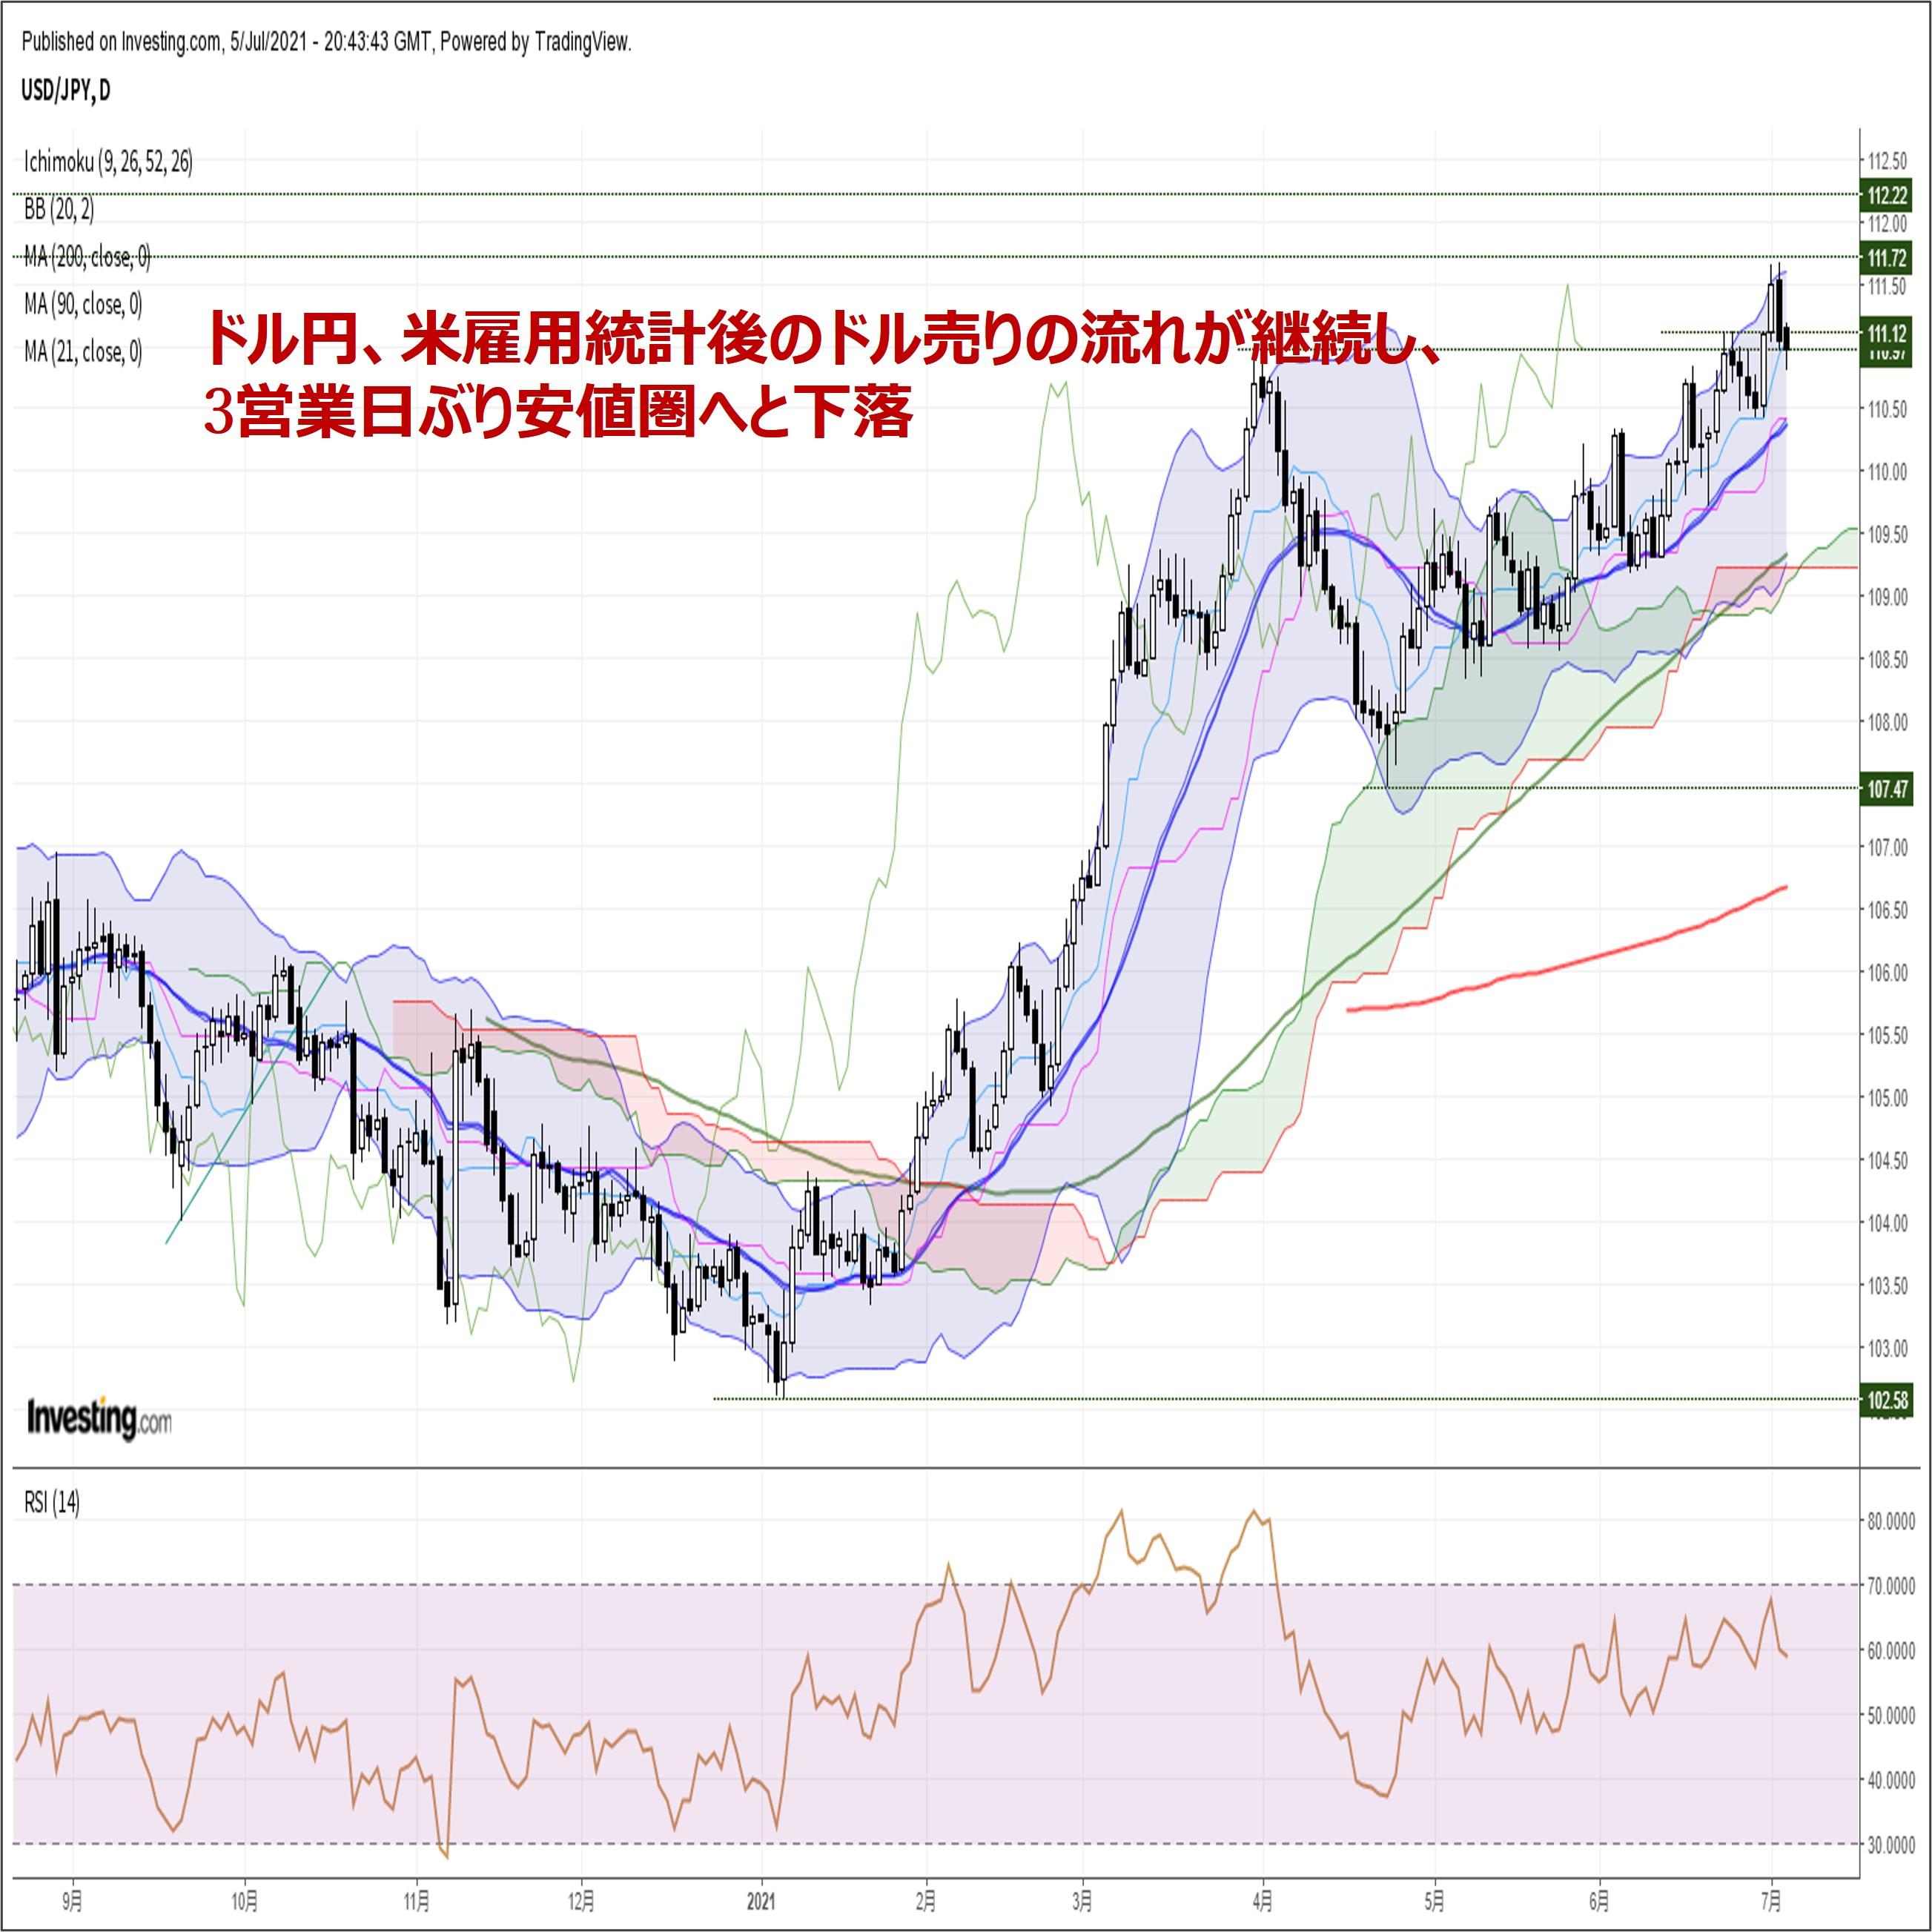 ドル円、米雇用統計後のドル売りの流れが継続し、3営業日ぶり安値圏へと下落